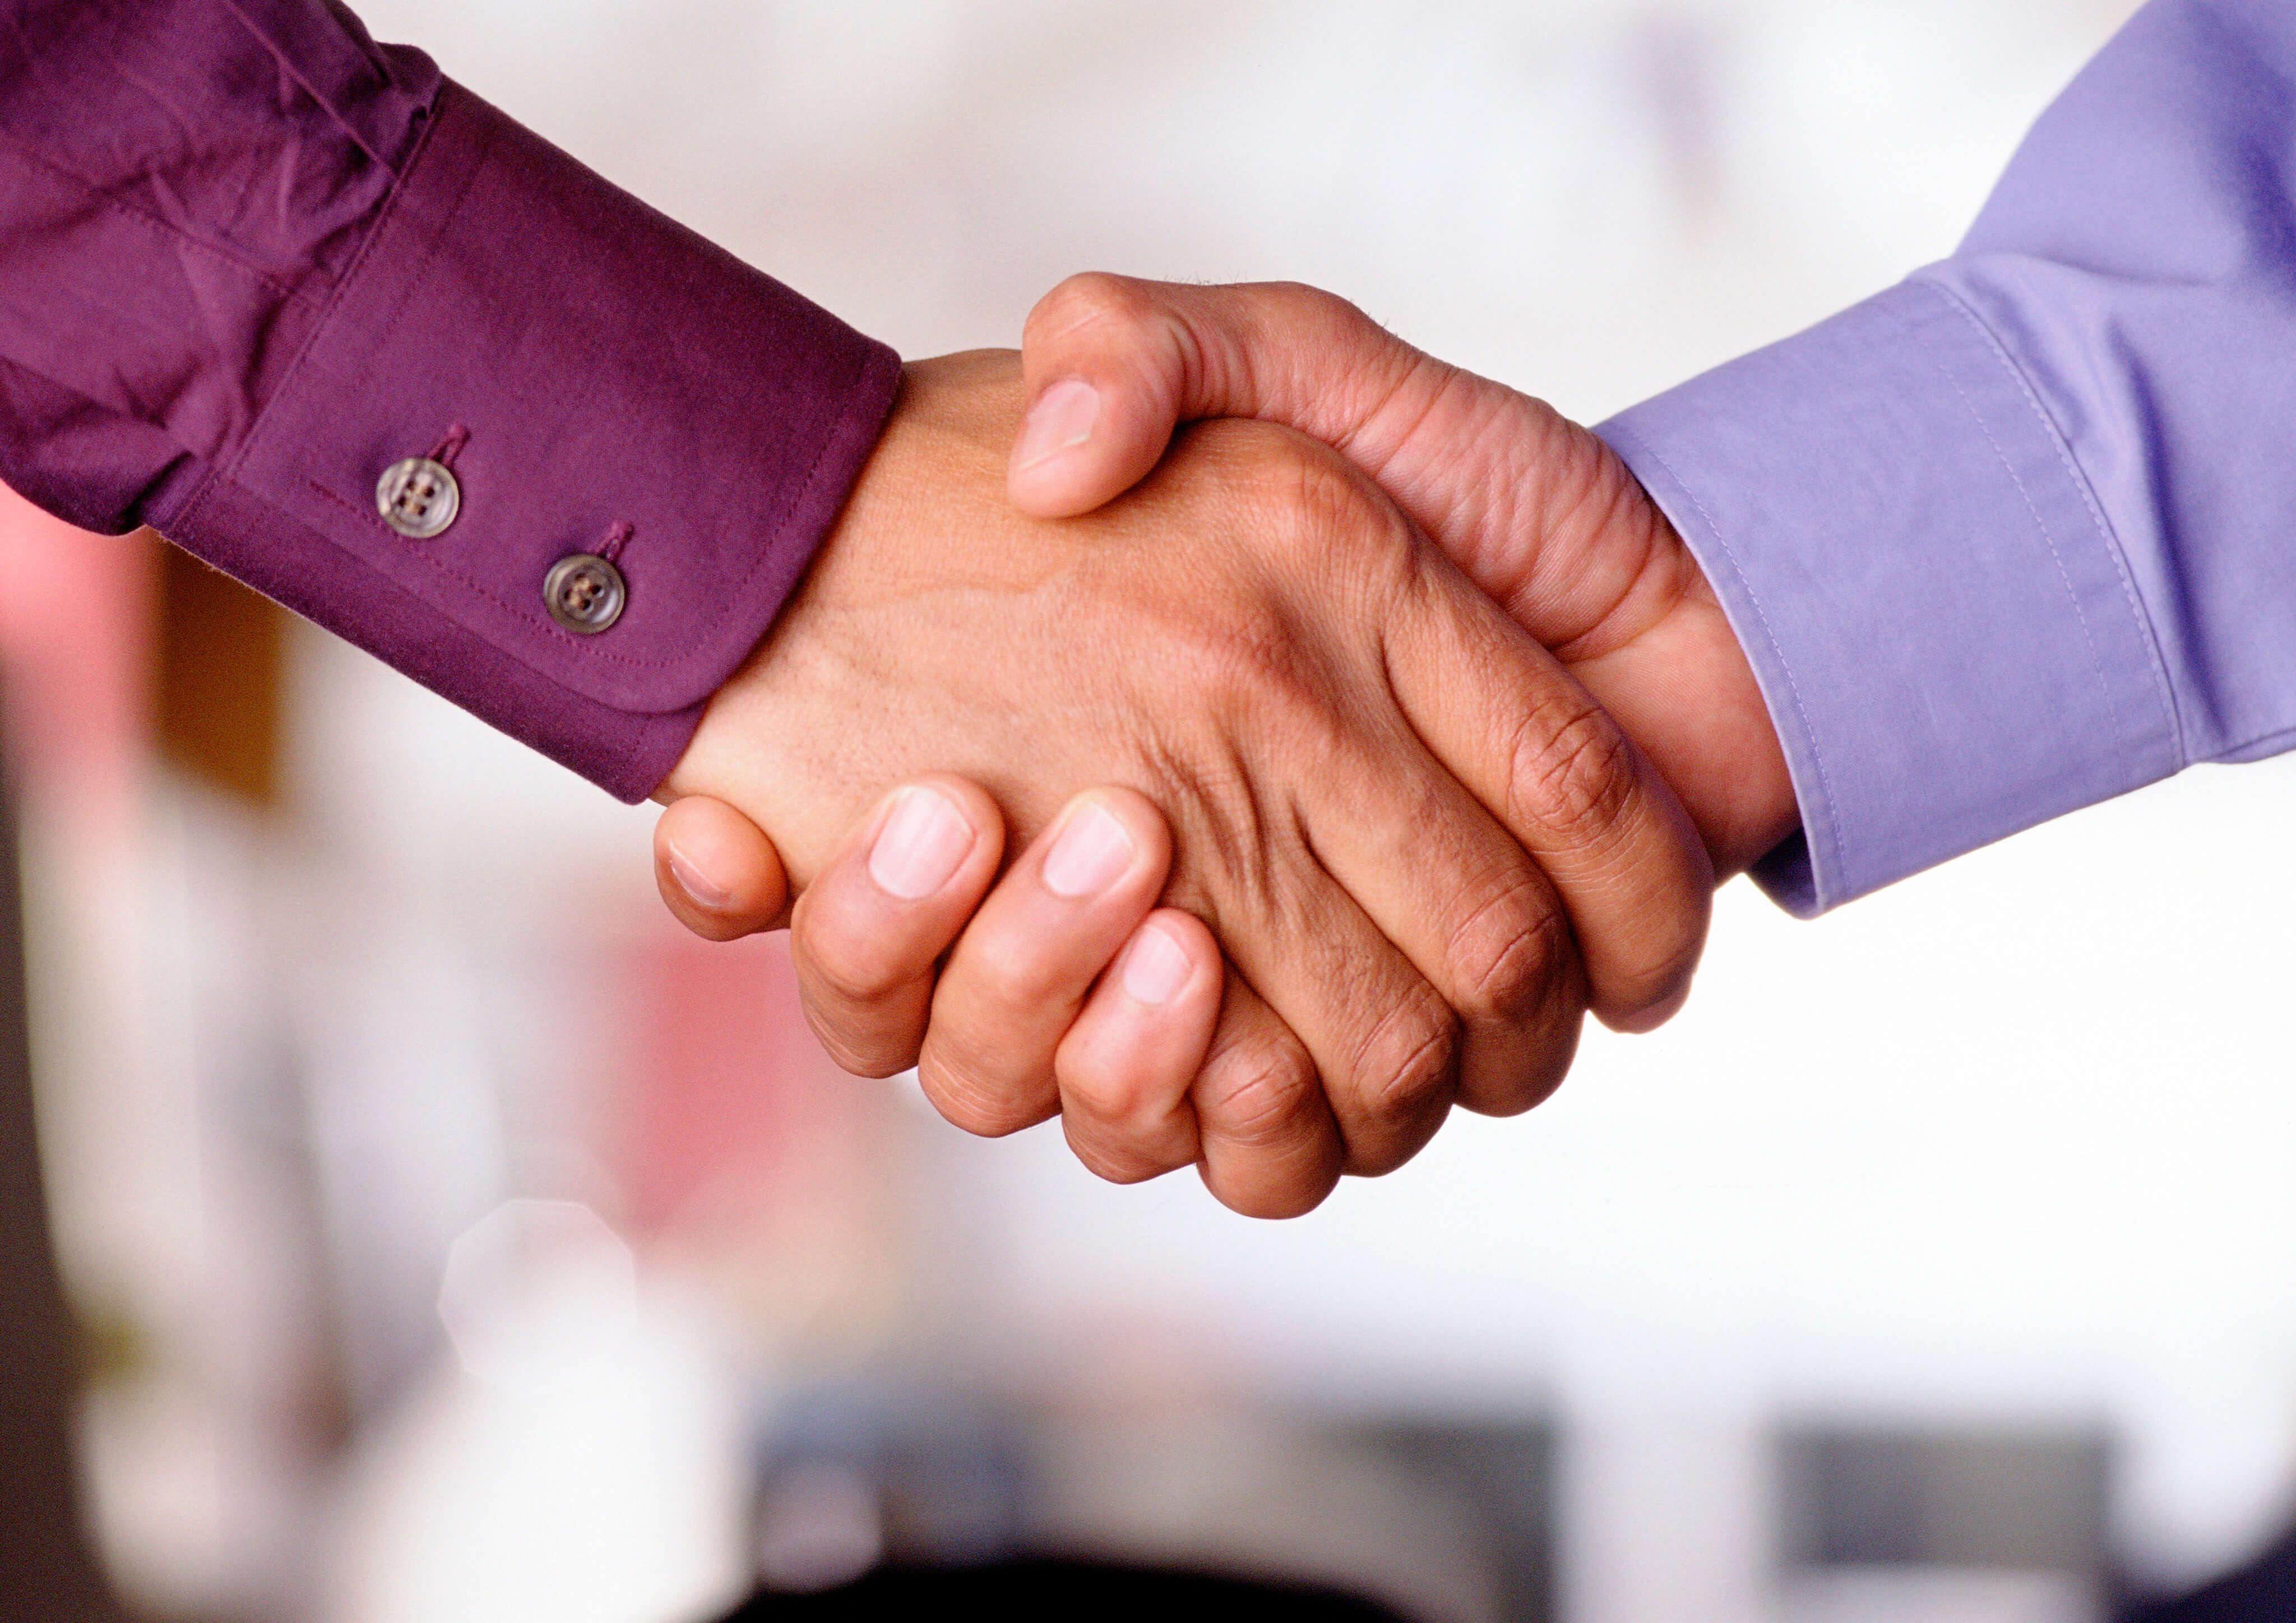 Docentes y la Previsora llegaron a acuerdos en materia de salud. Se comprometió a mejorar atención.